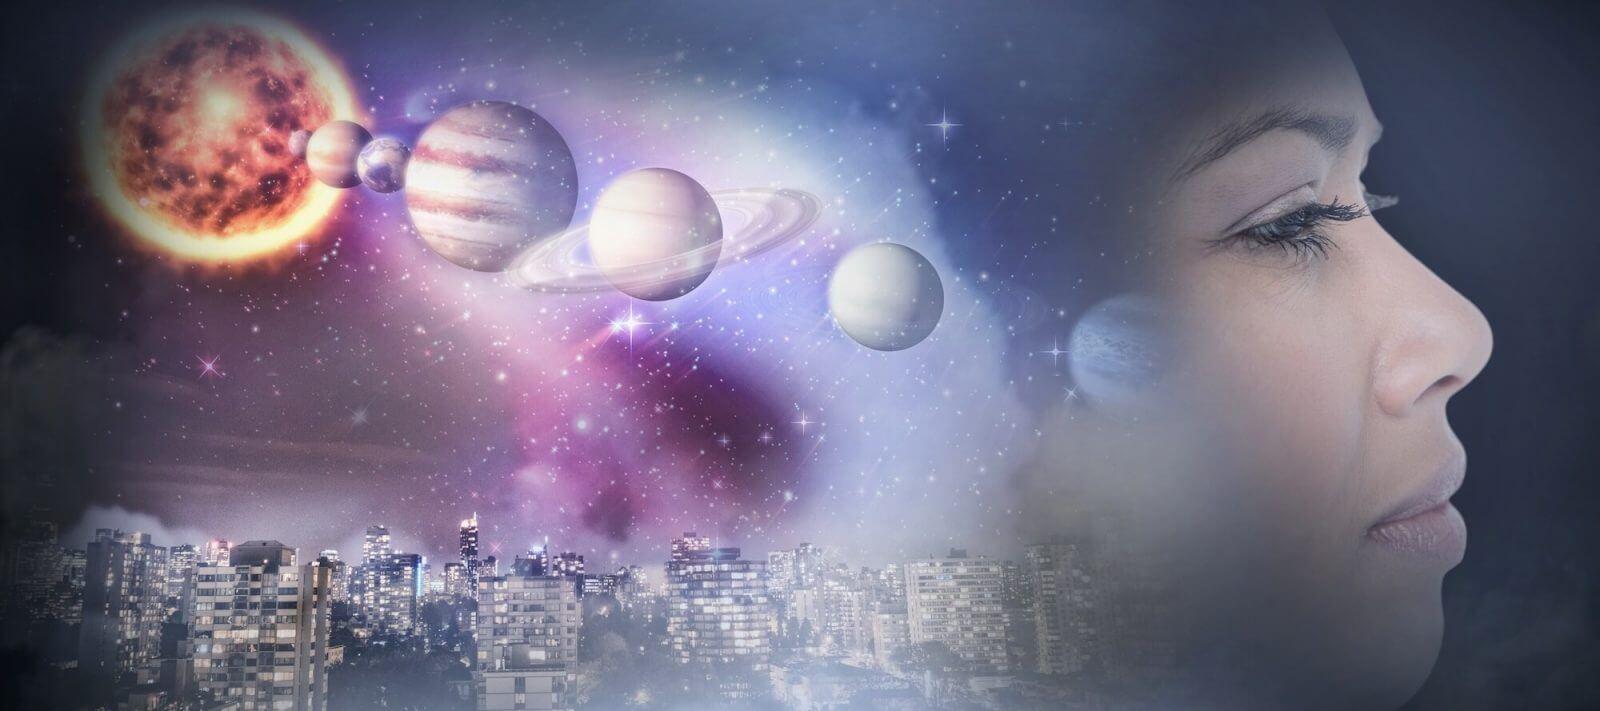 Plutón en Capricornio